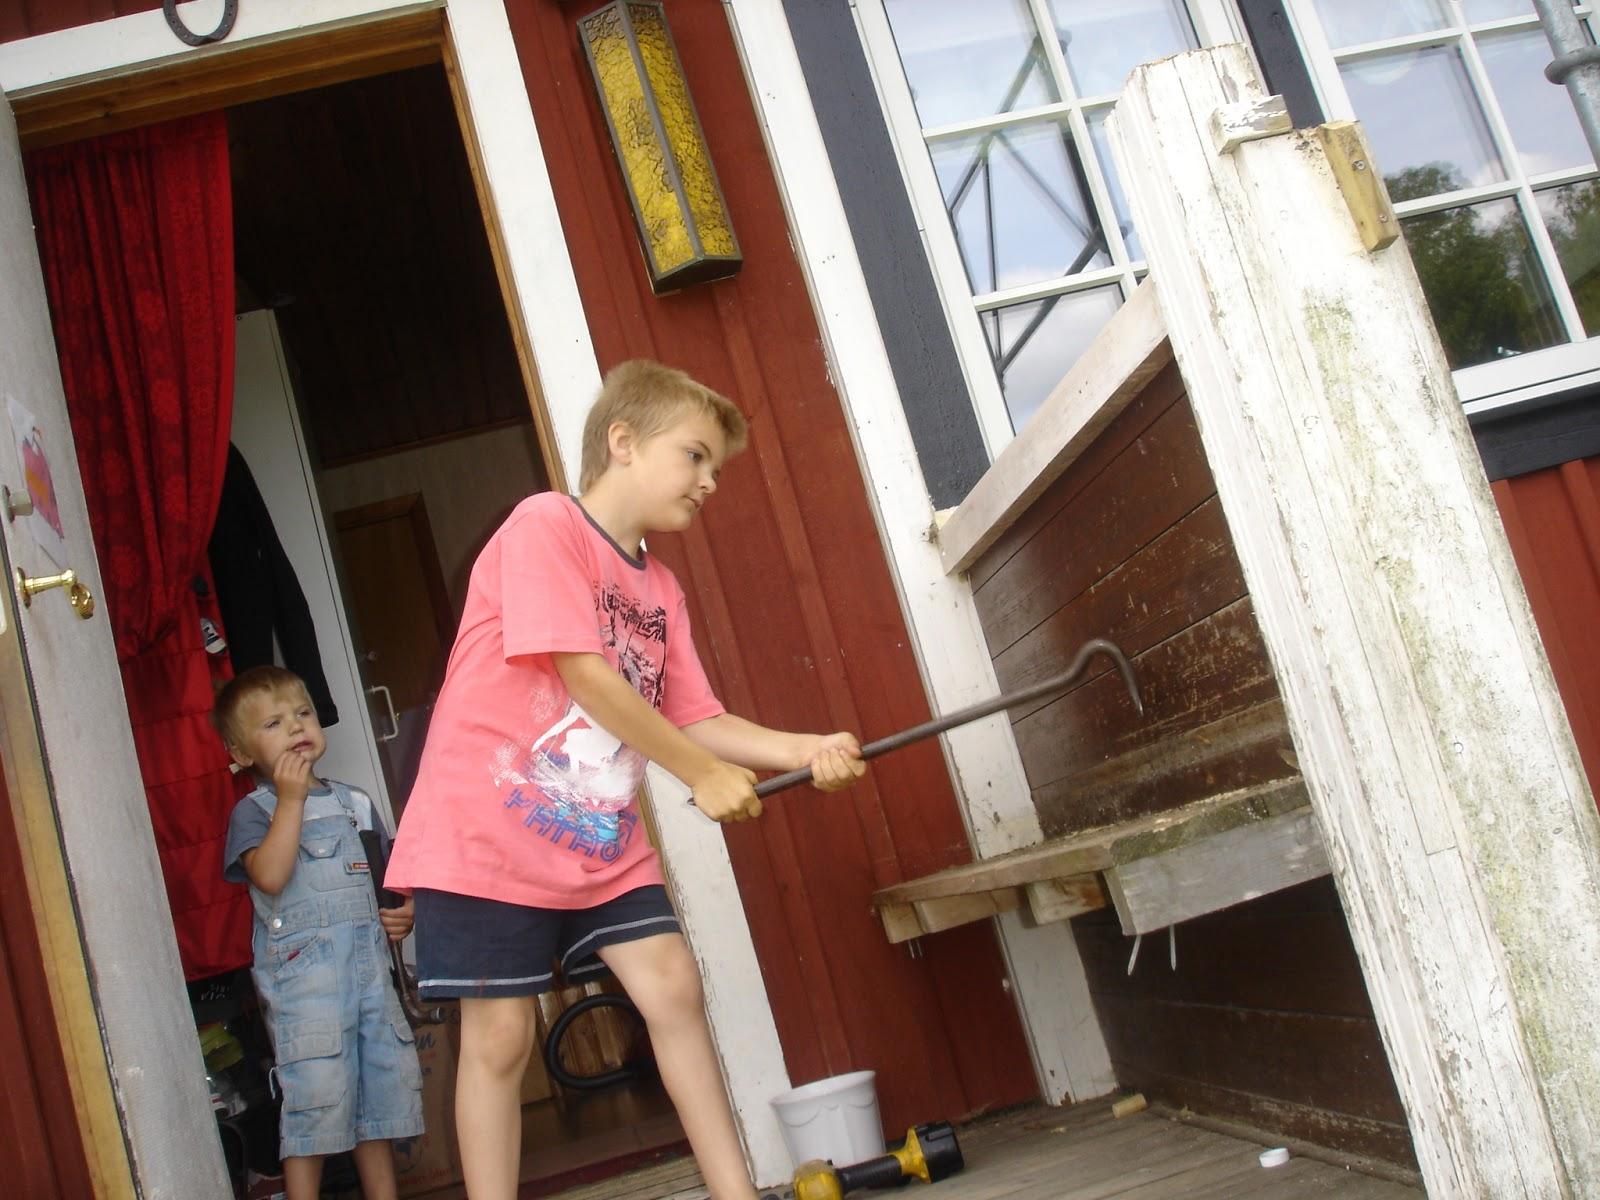 Anitha Östlund meijer: dagboksinlägg 15 juli hästmyror och rivning ...